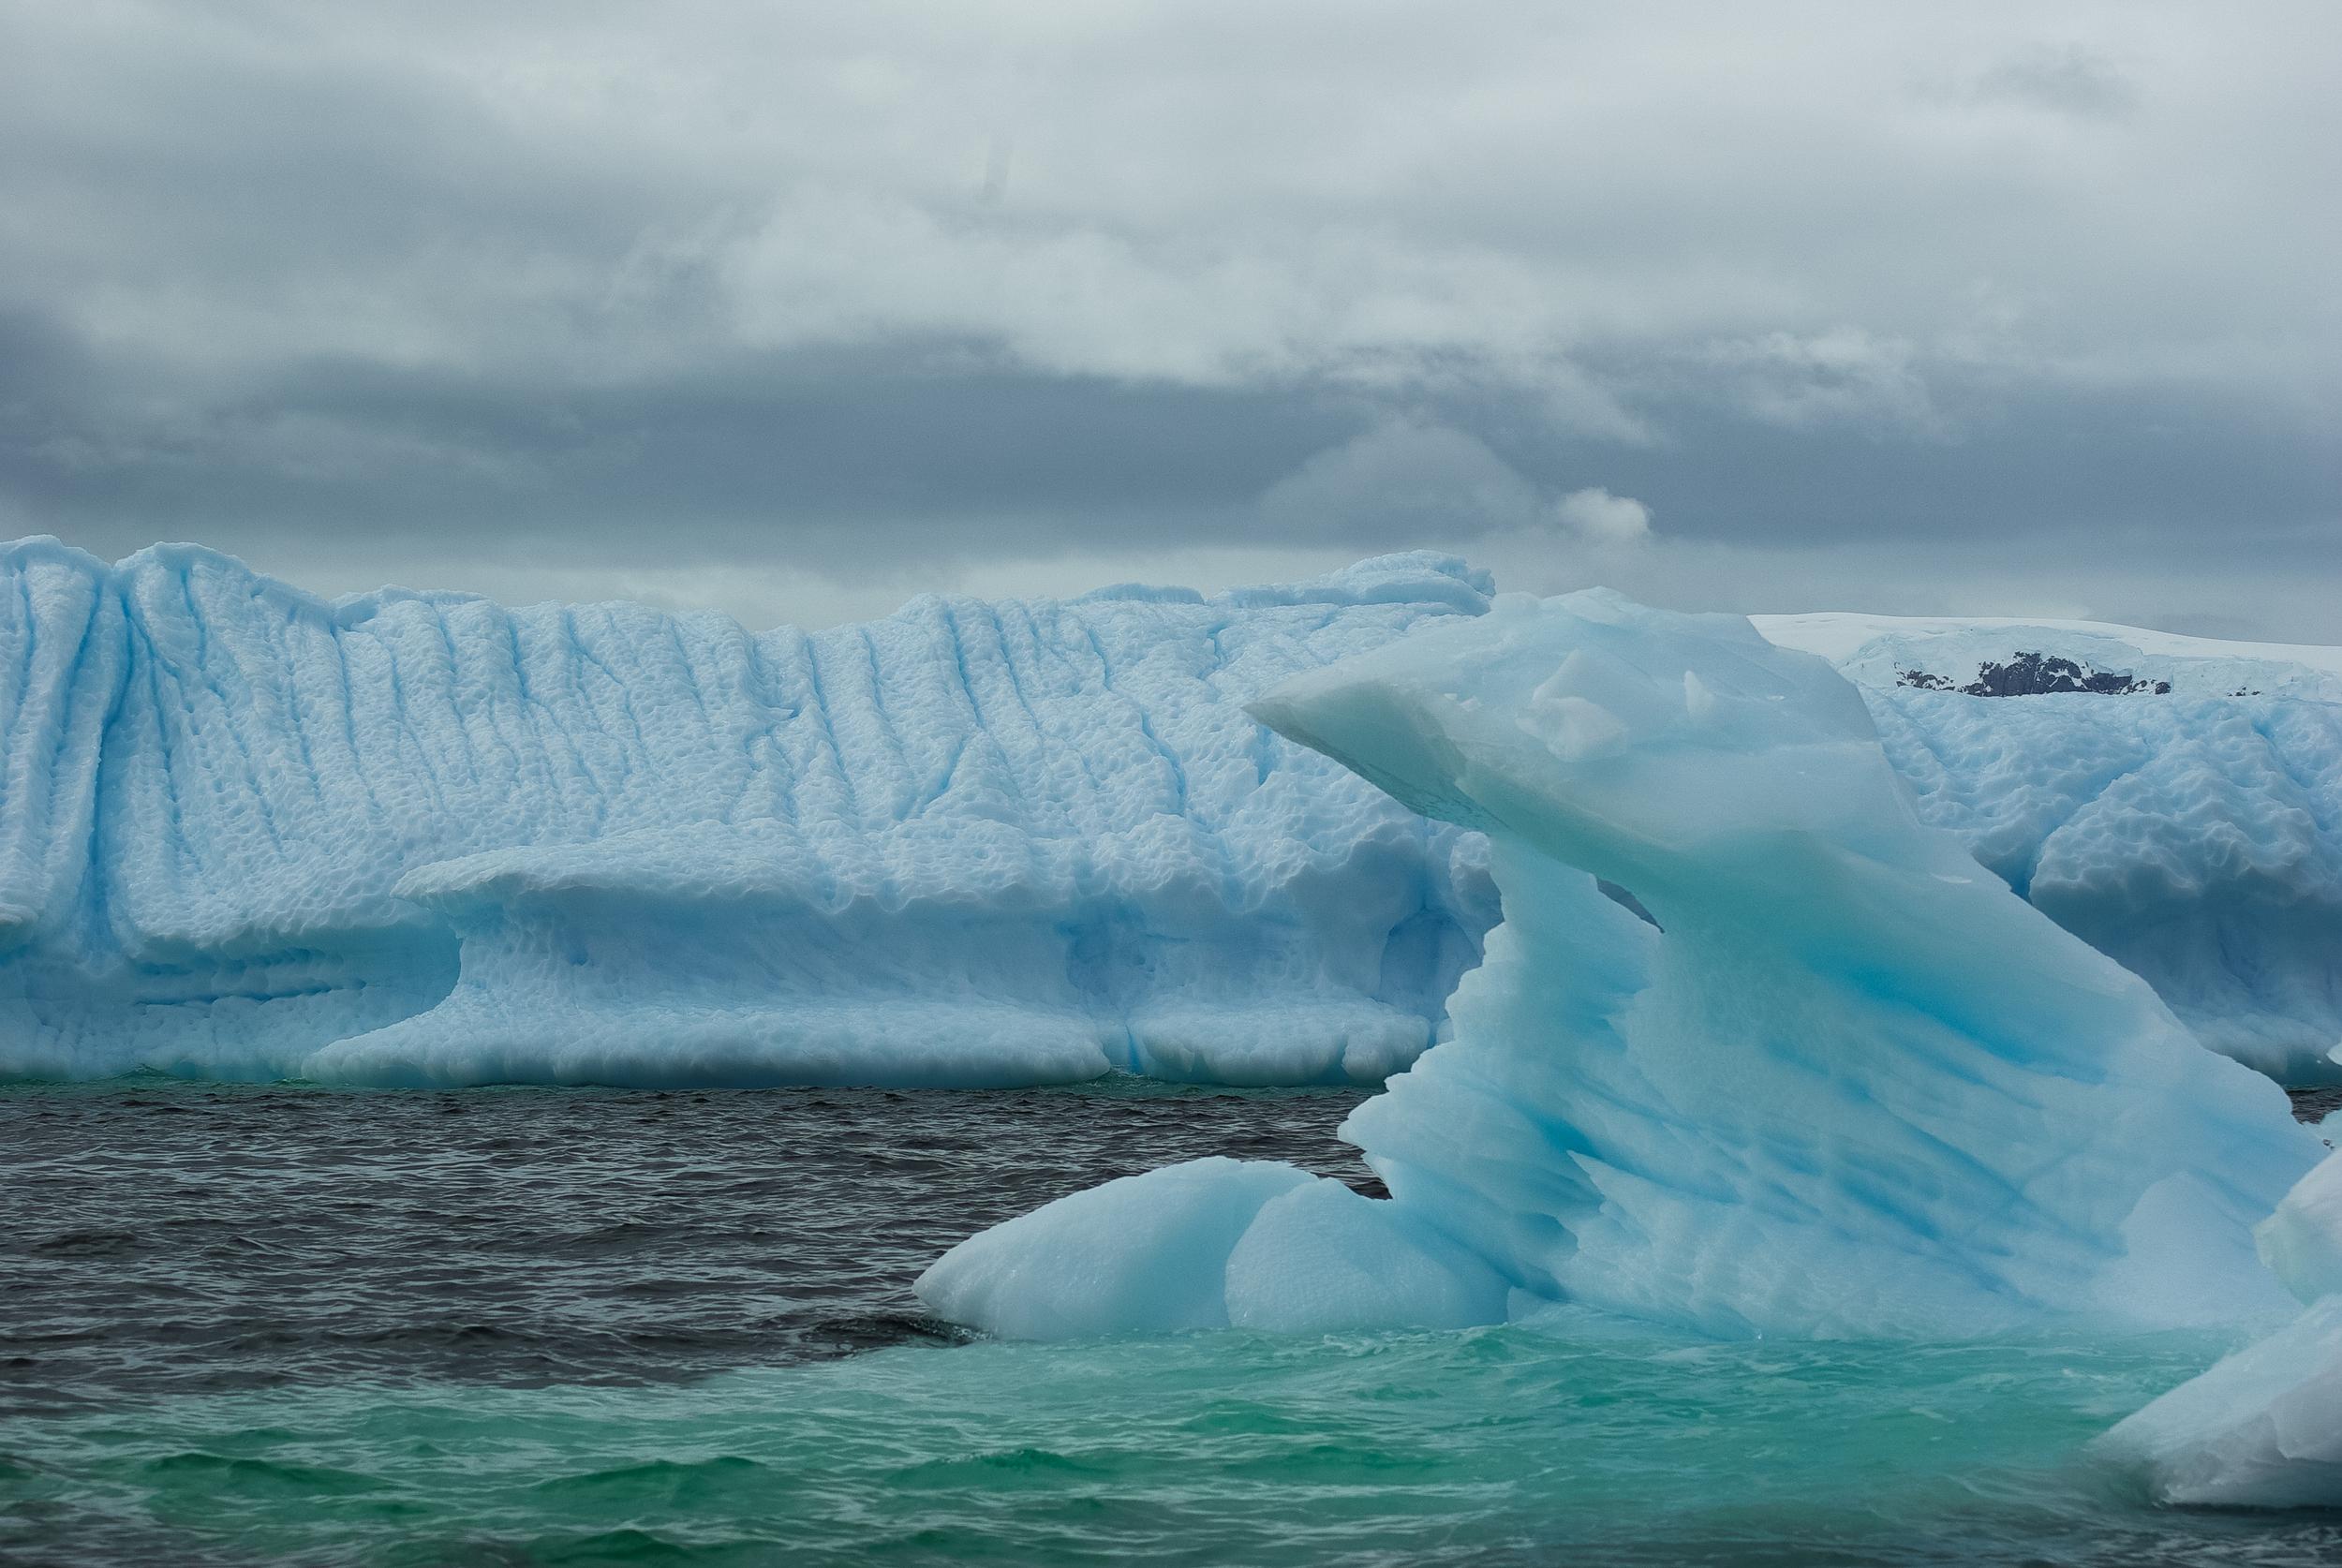 Ice Sculpture, Shetland Islands, Antarctica